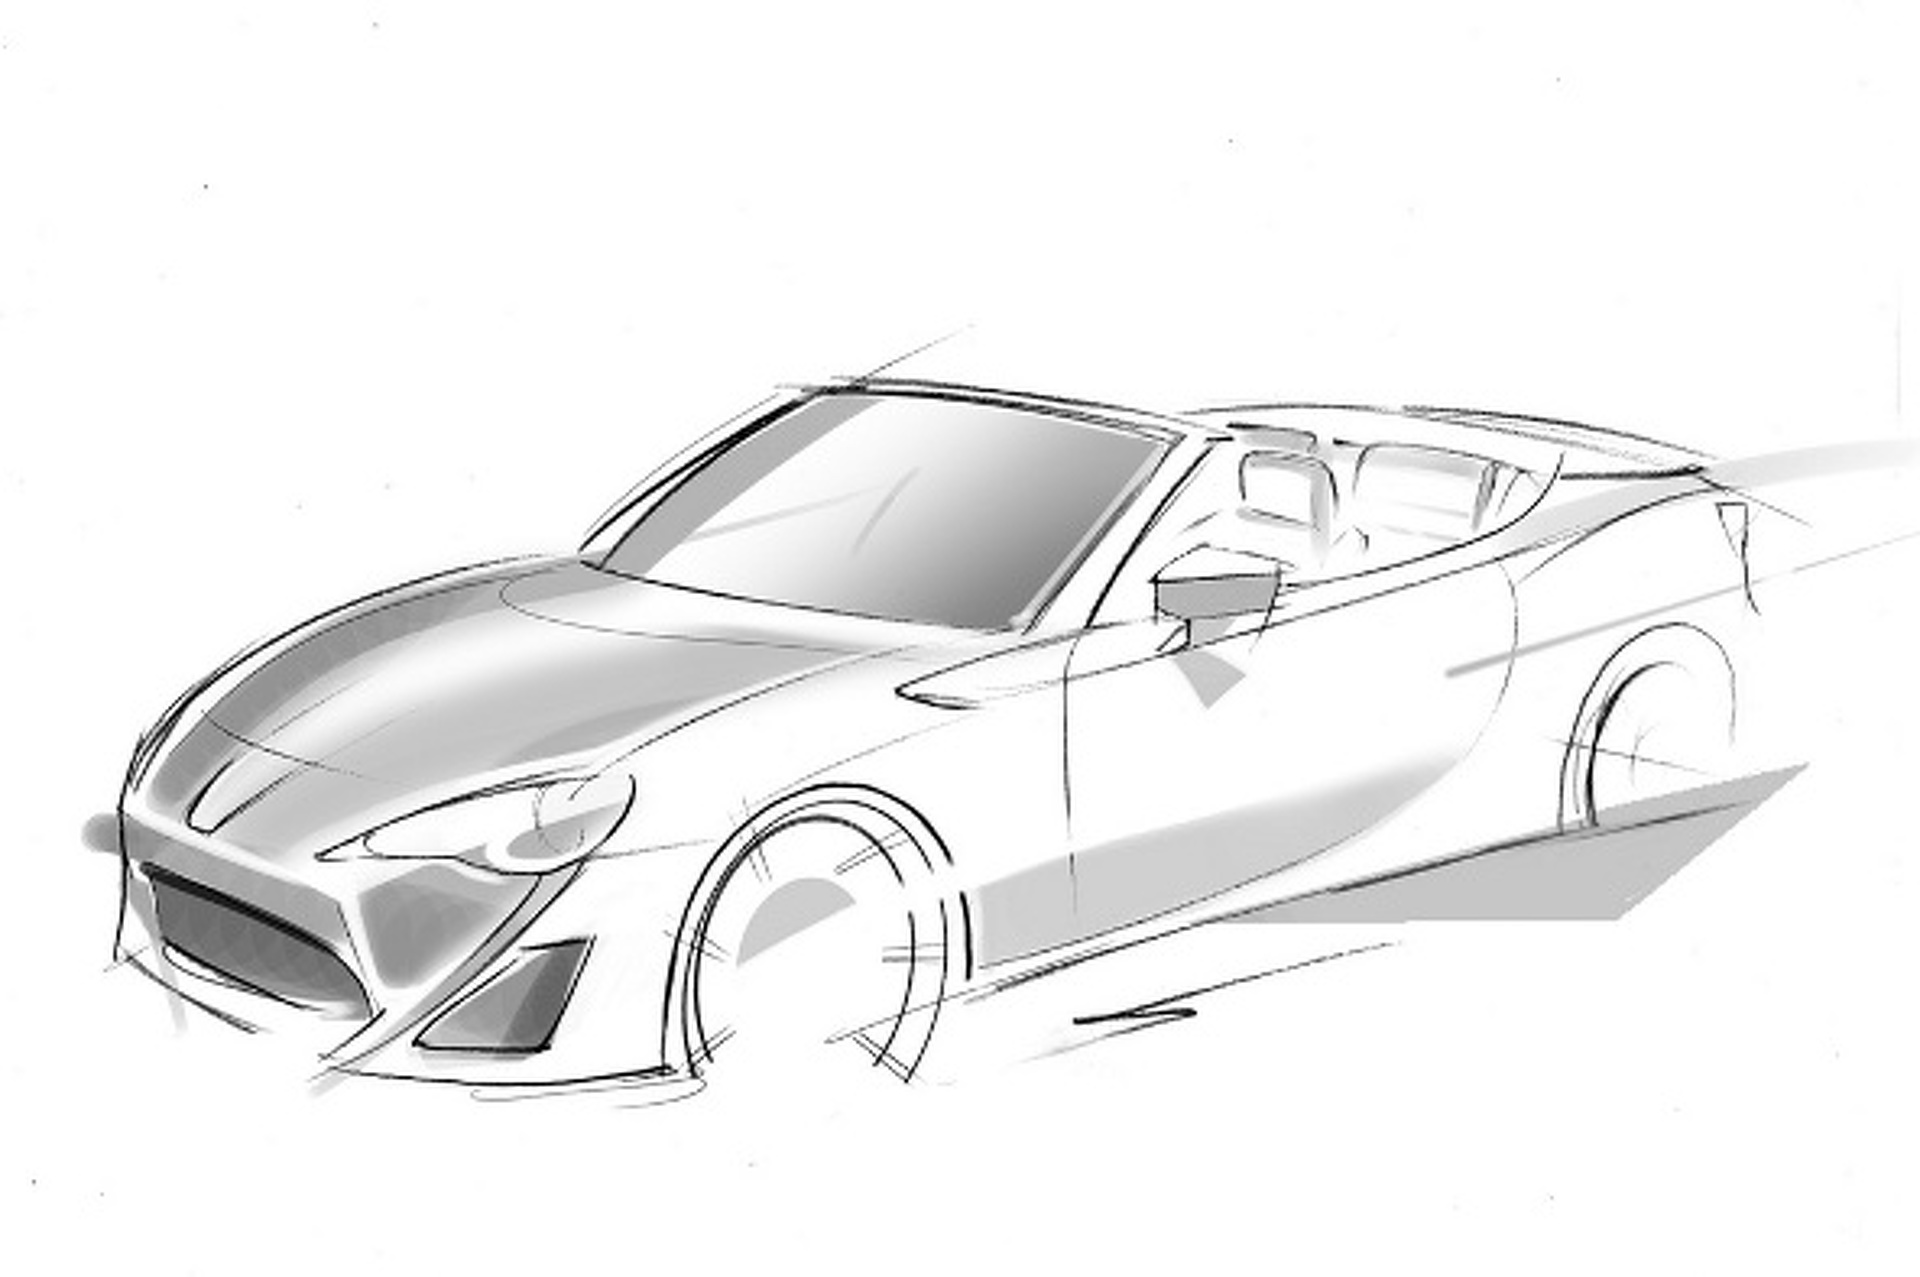 Scion FR-S Convertible Concept Debut Set for Geneva